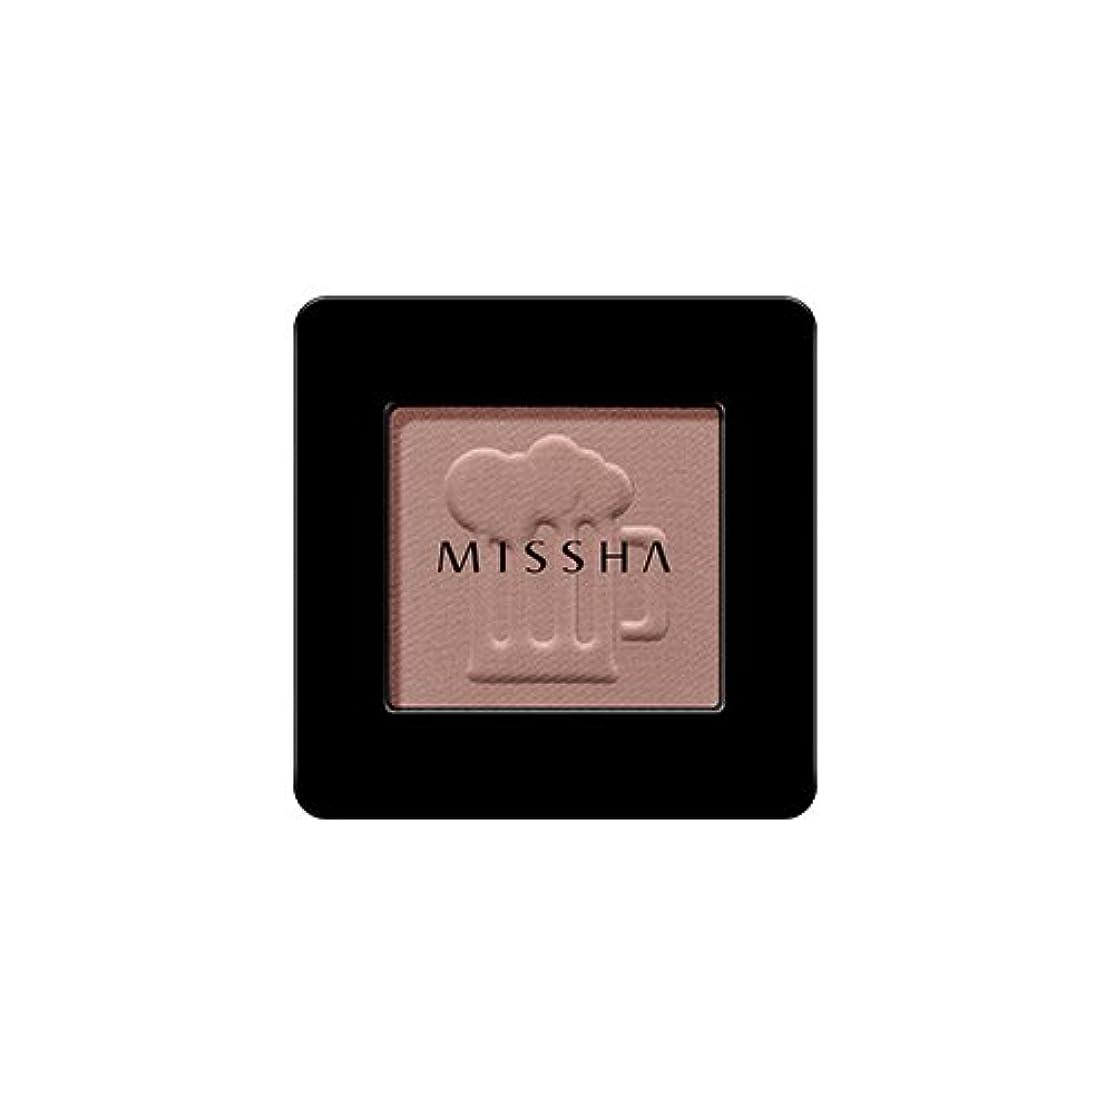 コックジェム作曲する[2016 F/W New Color] MISSHA Modern Shadow [Matt]/ミシャ モダン シャドウ [マット] (#MBR07 Honey Potato)